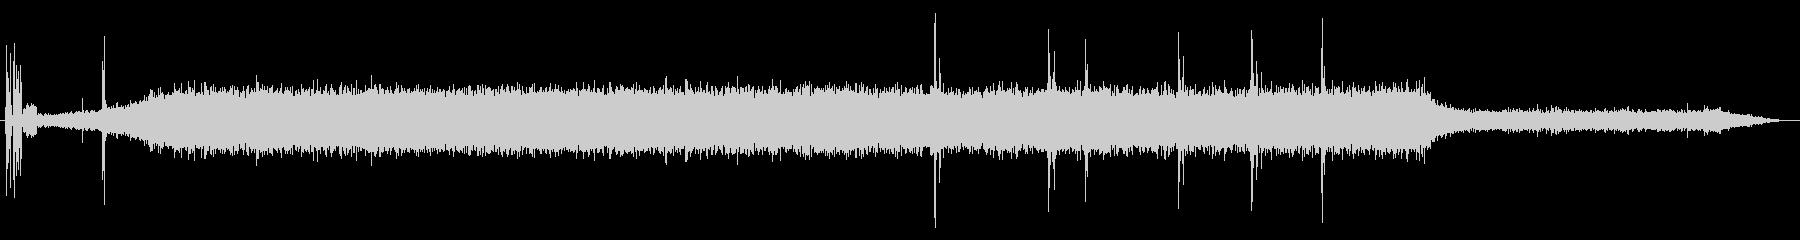 光学ドライブ01-1(動作音)の未再生の波形